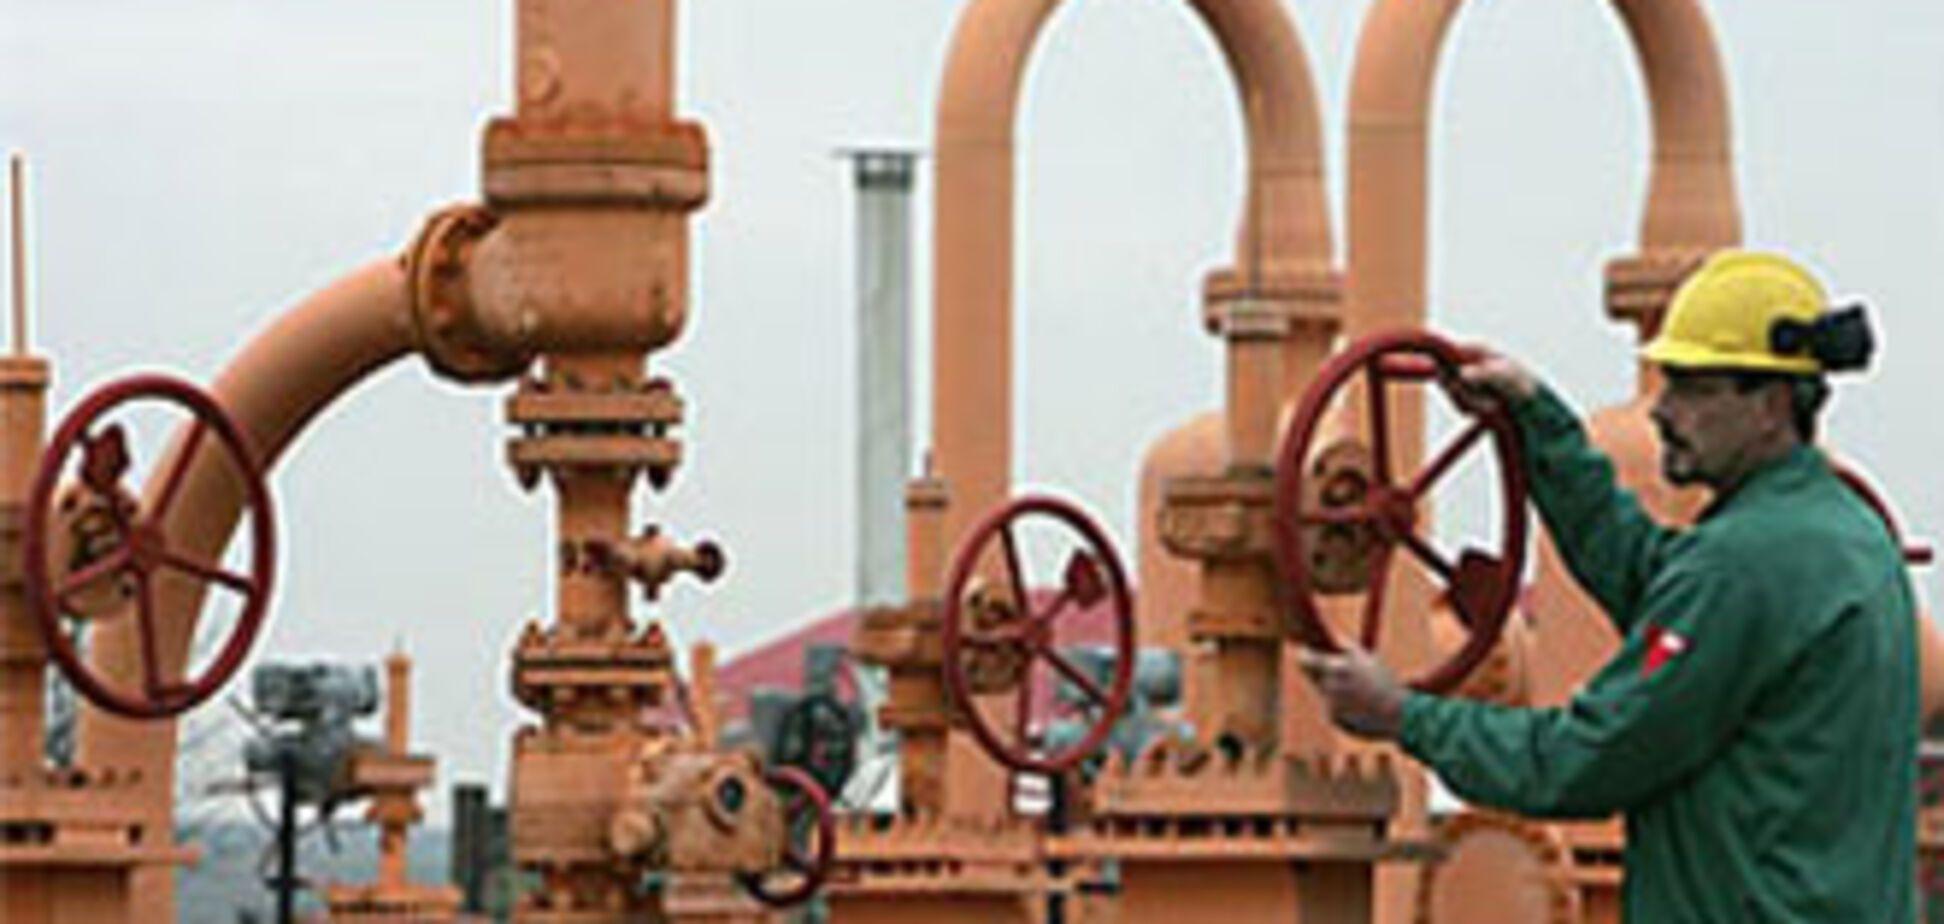 Європа створює свої запаси газу